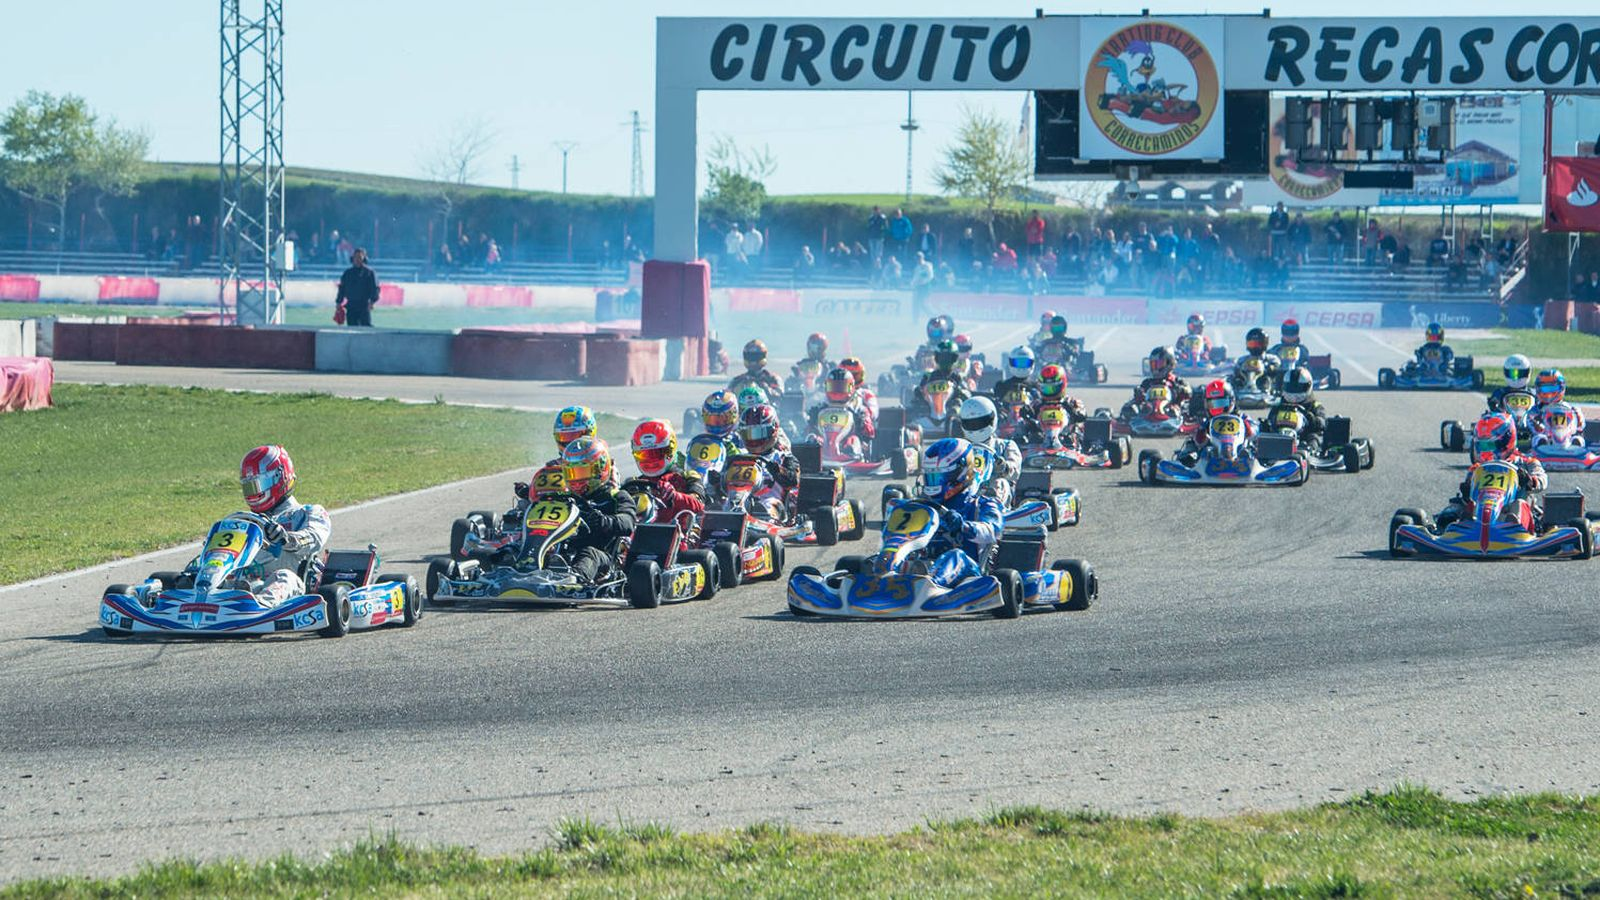 Circuito Fernando Alonso : Fórmula 1: alonso presiona para que nuestros hijos corran en el